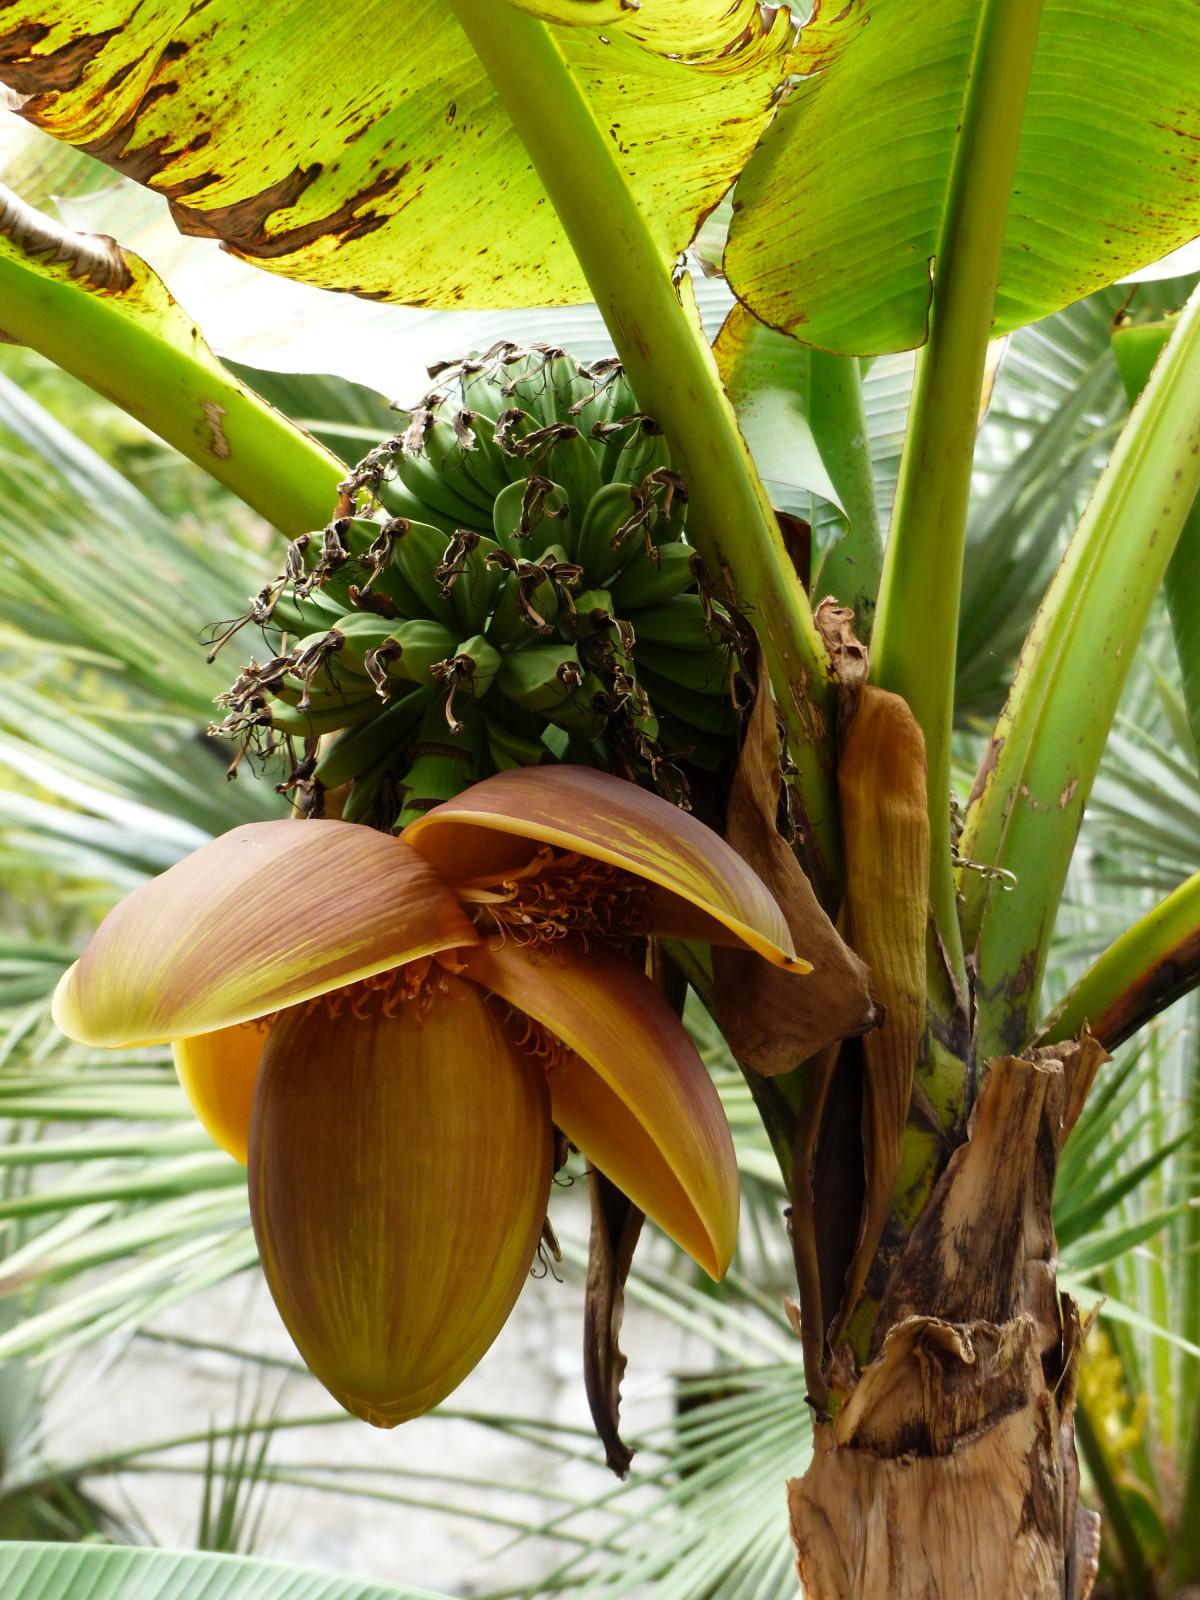 kostenlose foto frucht blume lebensmittel gr n dschungel produzieren botanik fr chte. Black Bedroom Furniture Sets. Home Design Ideas